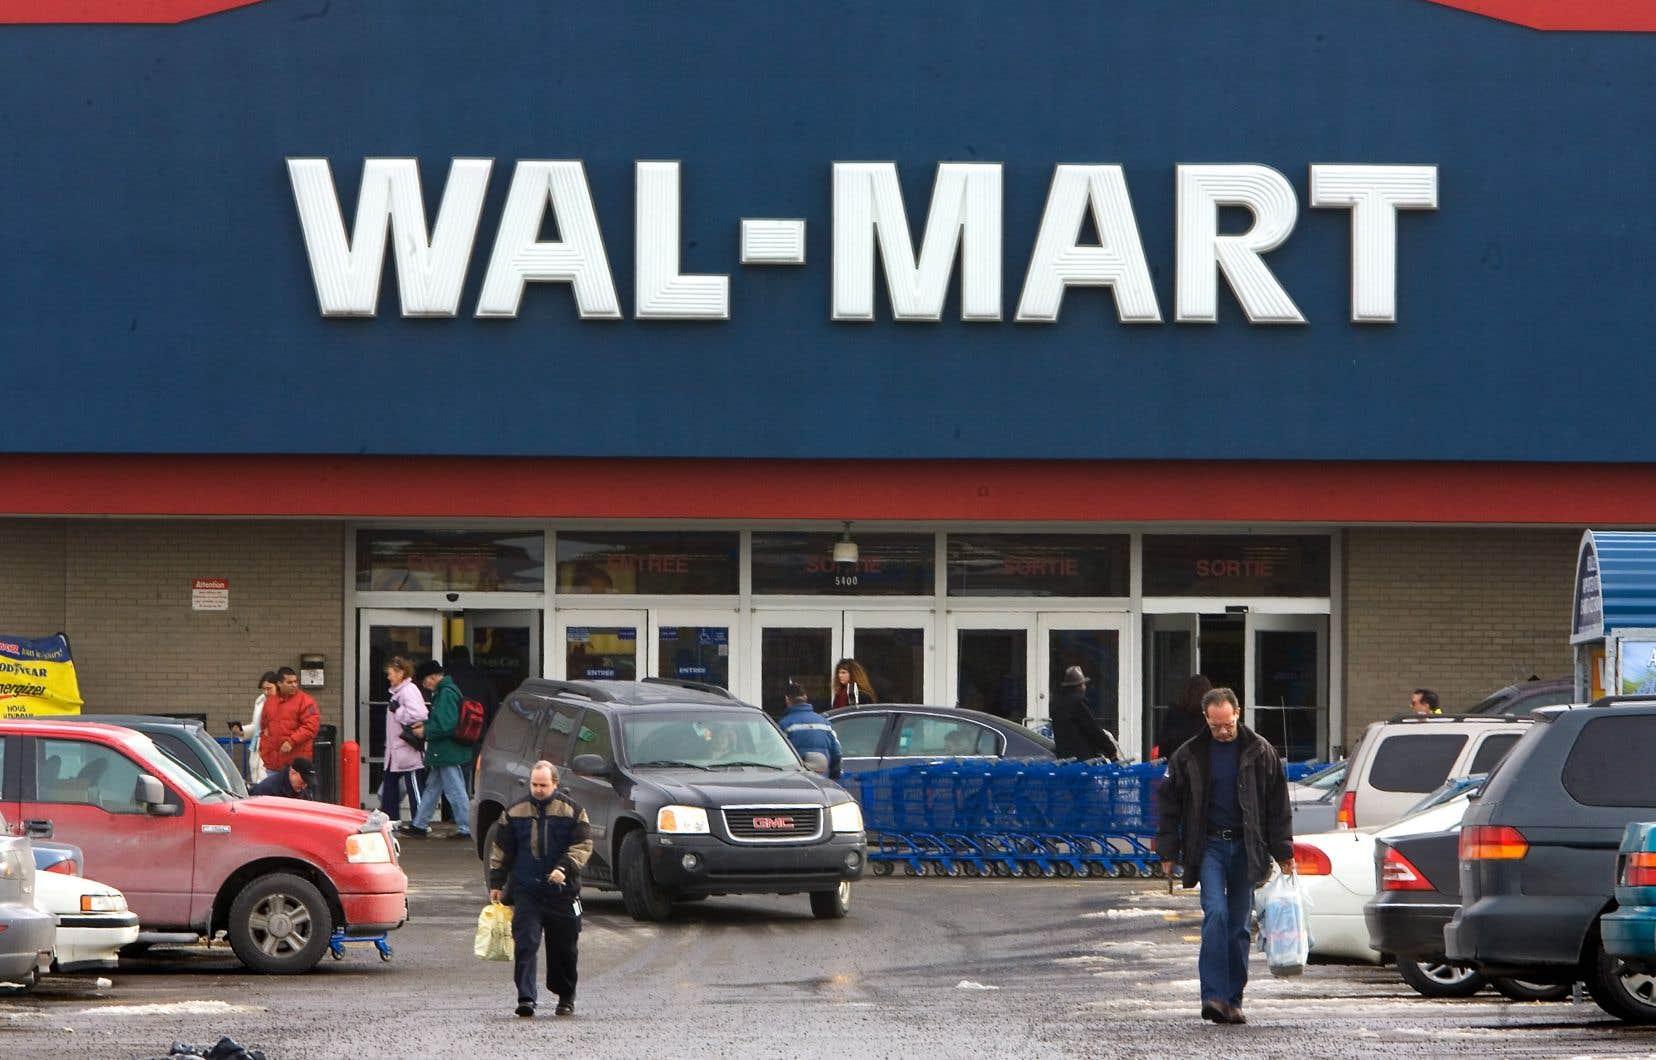 Walmart n'a pas voulu confirmer le nombre de succursales où ce programme était en vigueur.